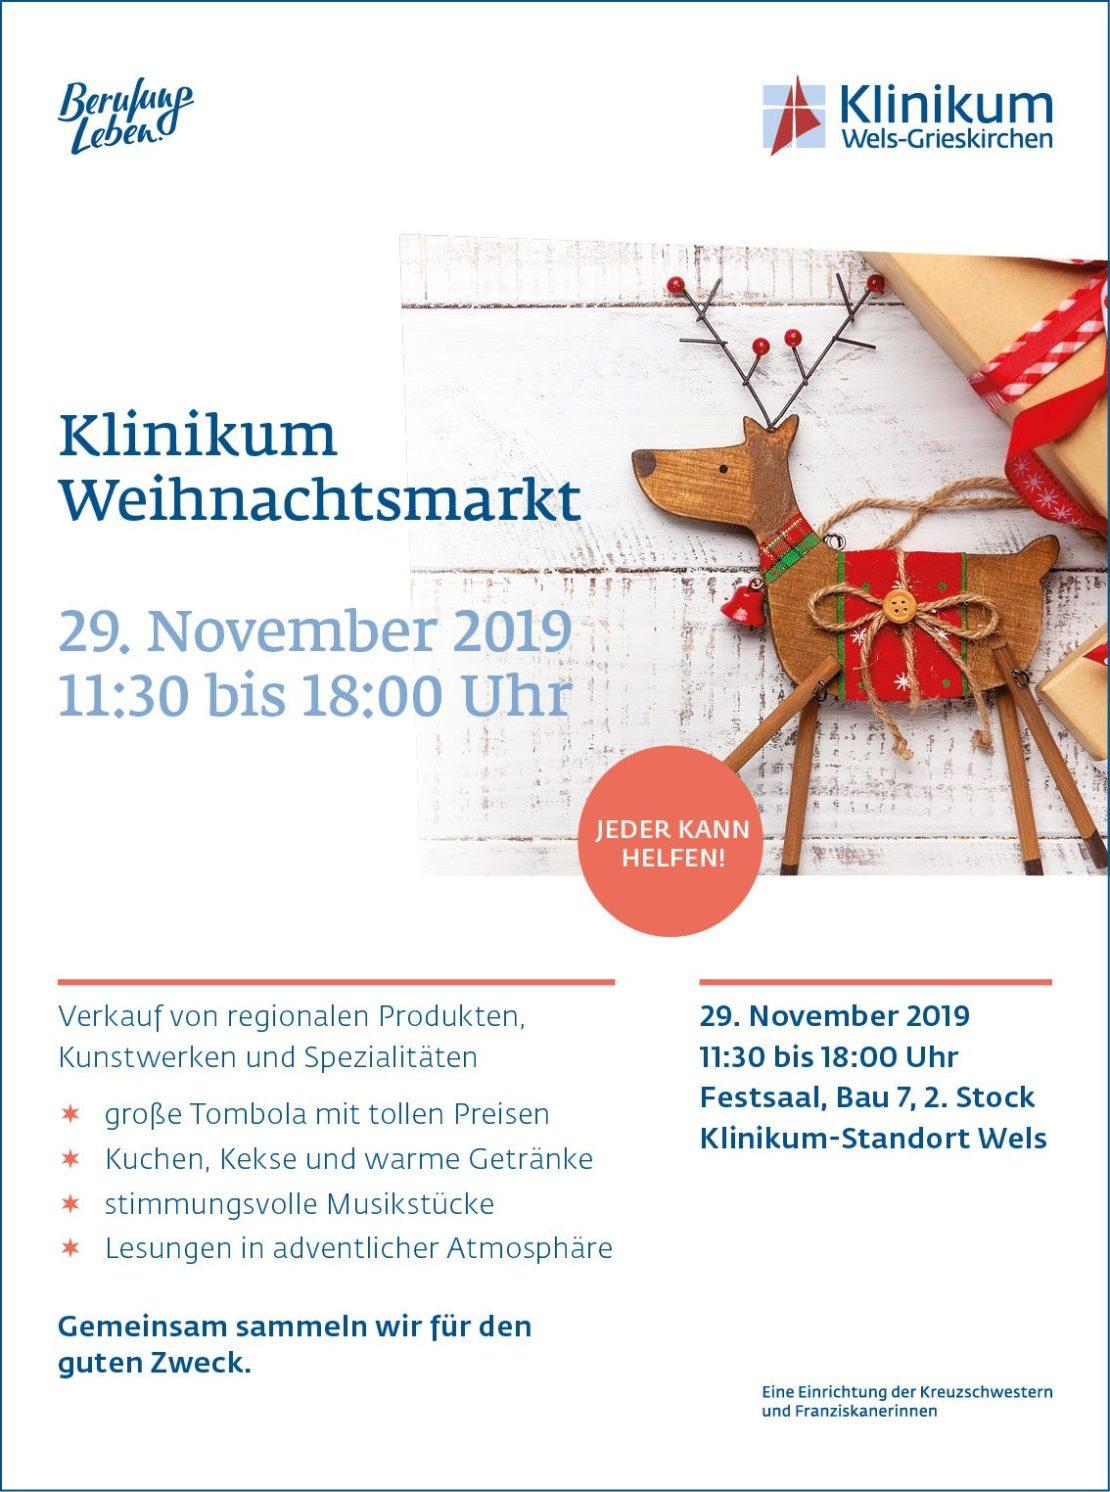 Klinikum Weihnachtsmarkt